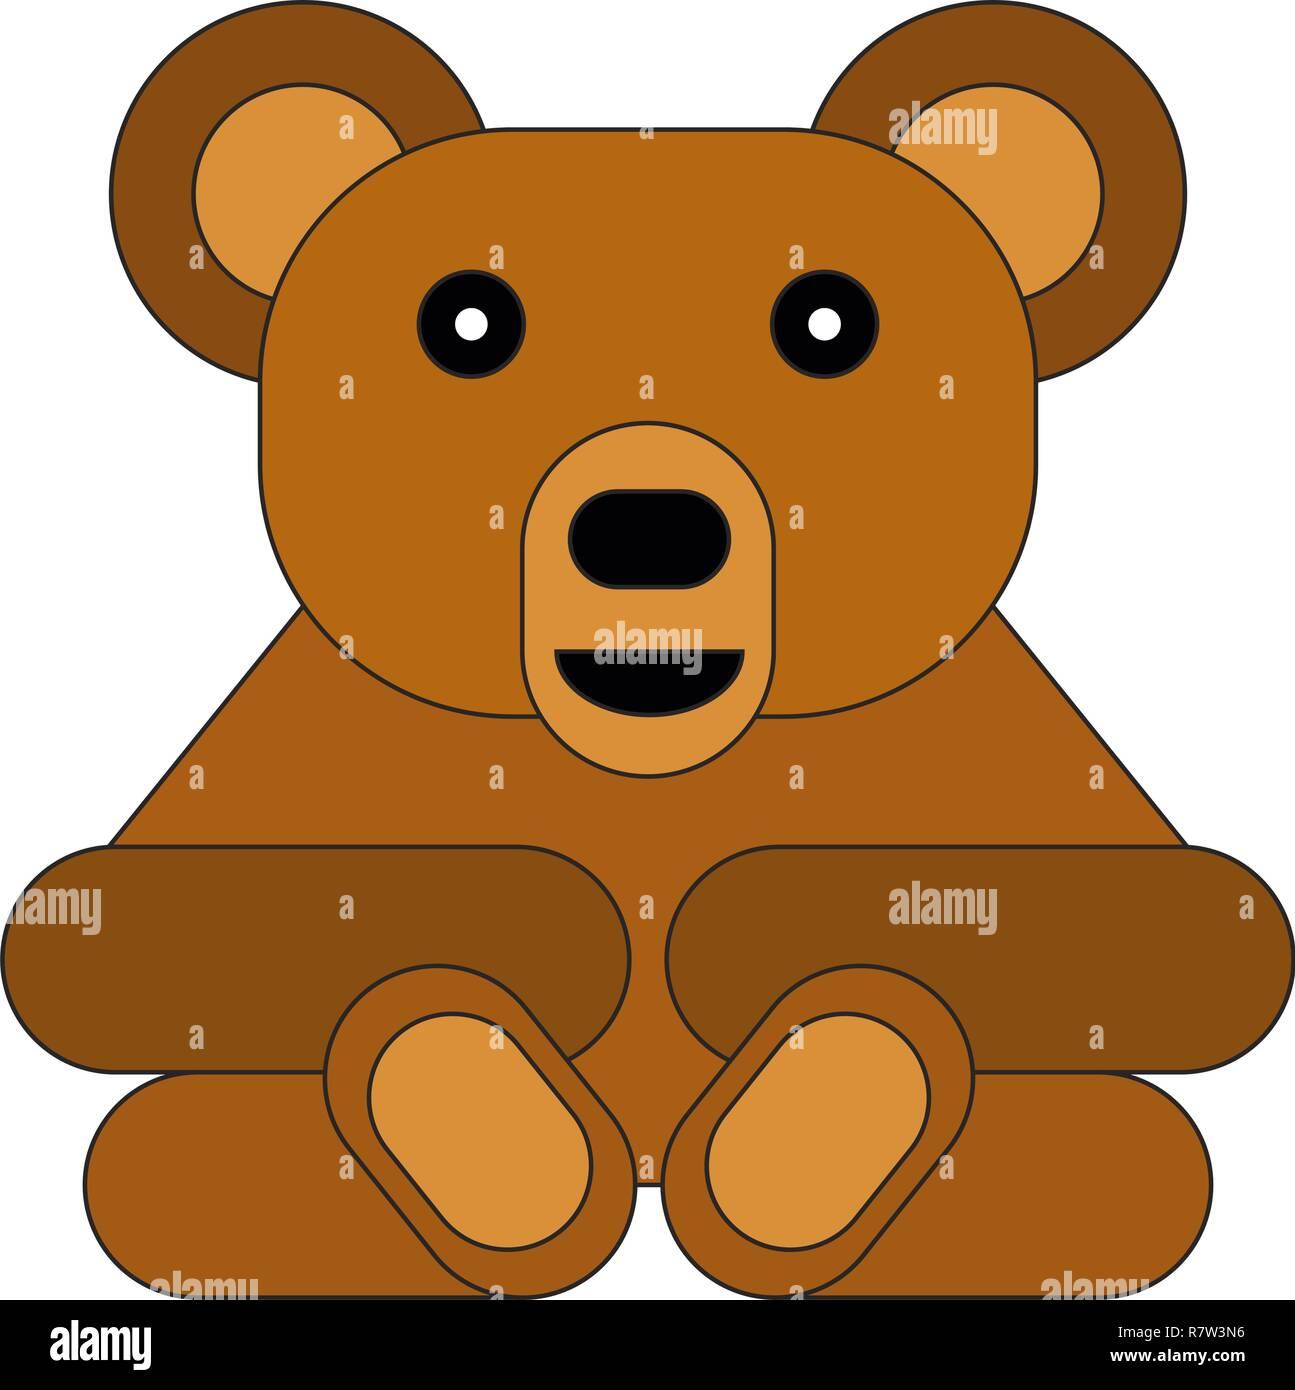 e5da6c888e Piso estilo de dibujos animados oso. Ilustración vectorial sobre fondo  blanco. Imagen De Stock